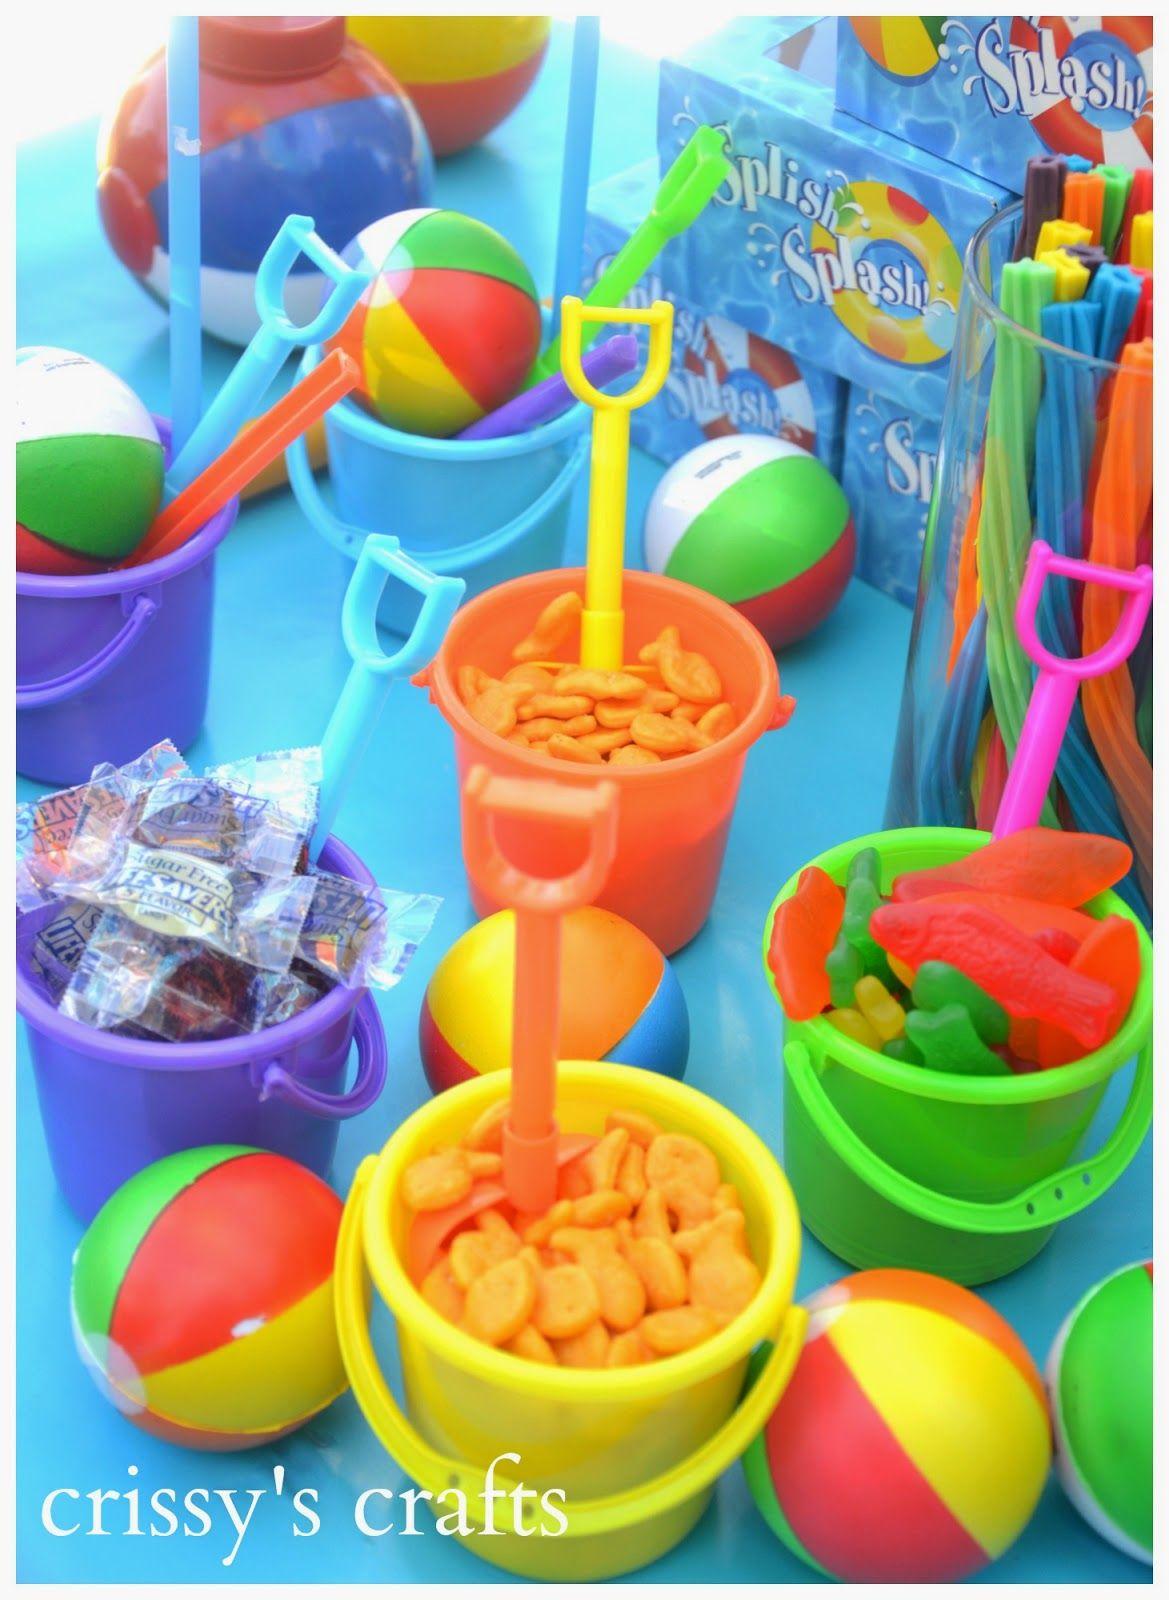 De crissy oficios fiesta en la piscina de verano 2014 for Idee party in piscina